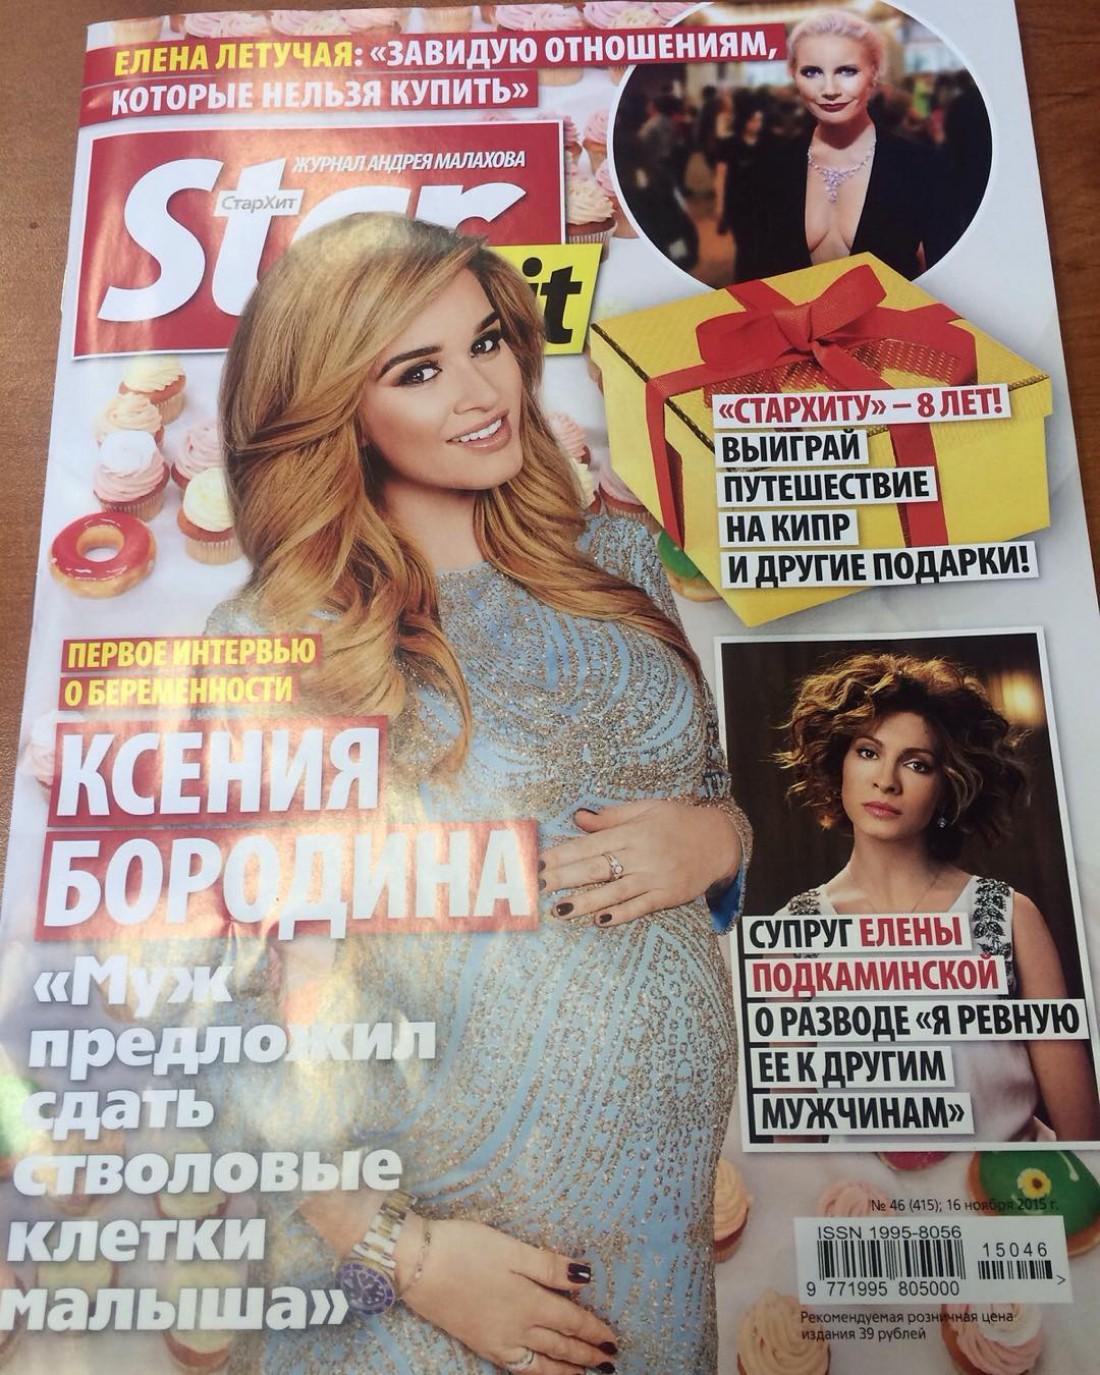 Беременная Ксения Бородина появилась на обложке журнала